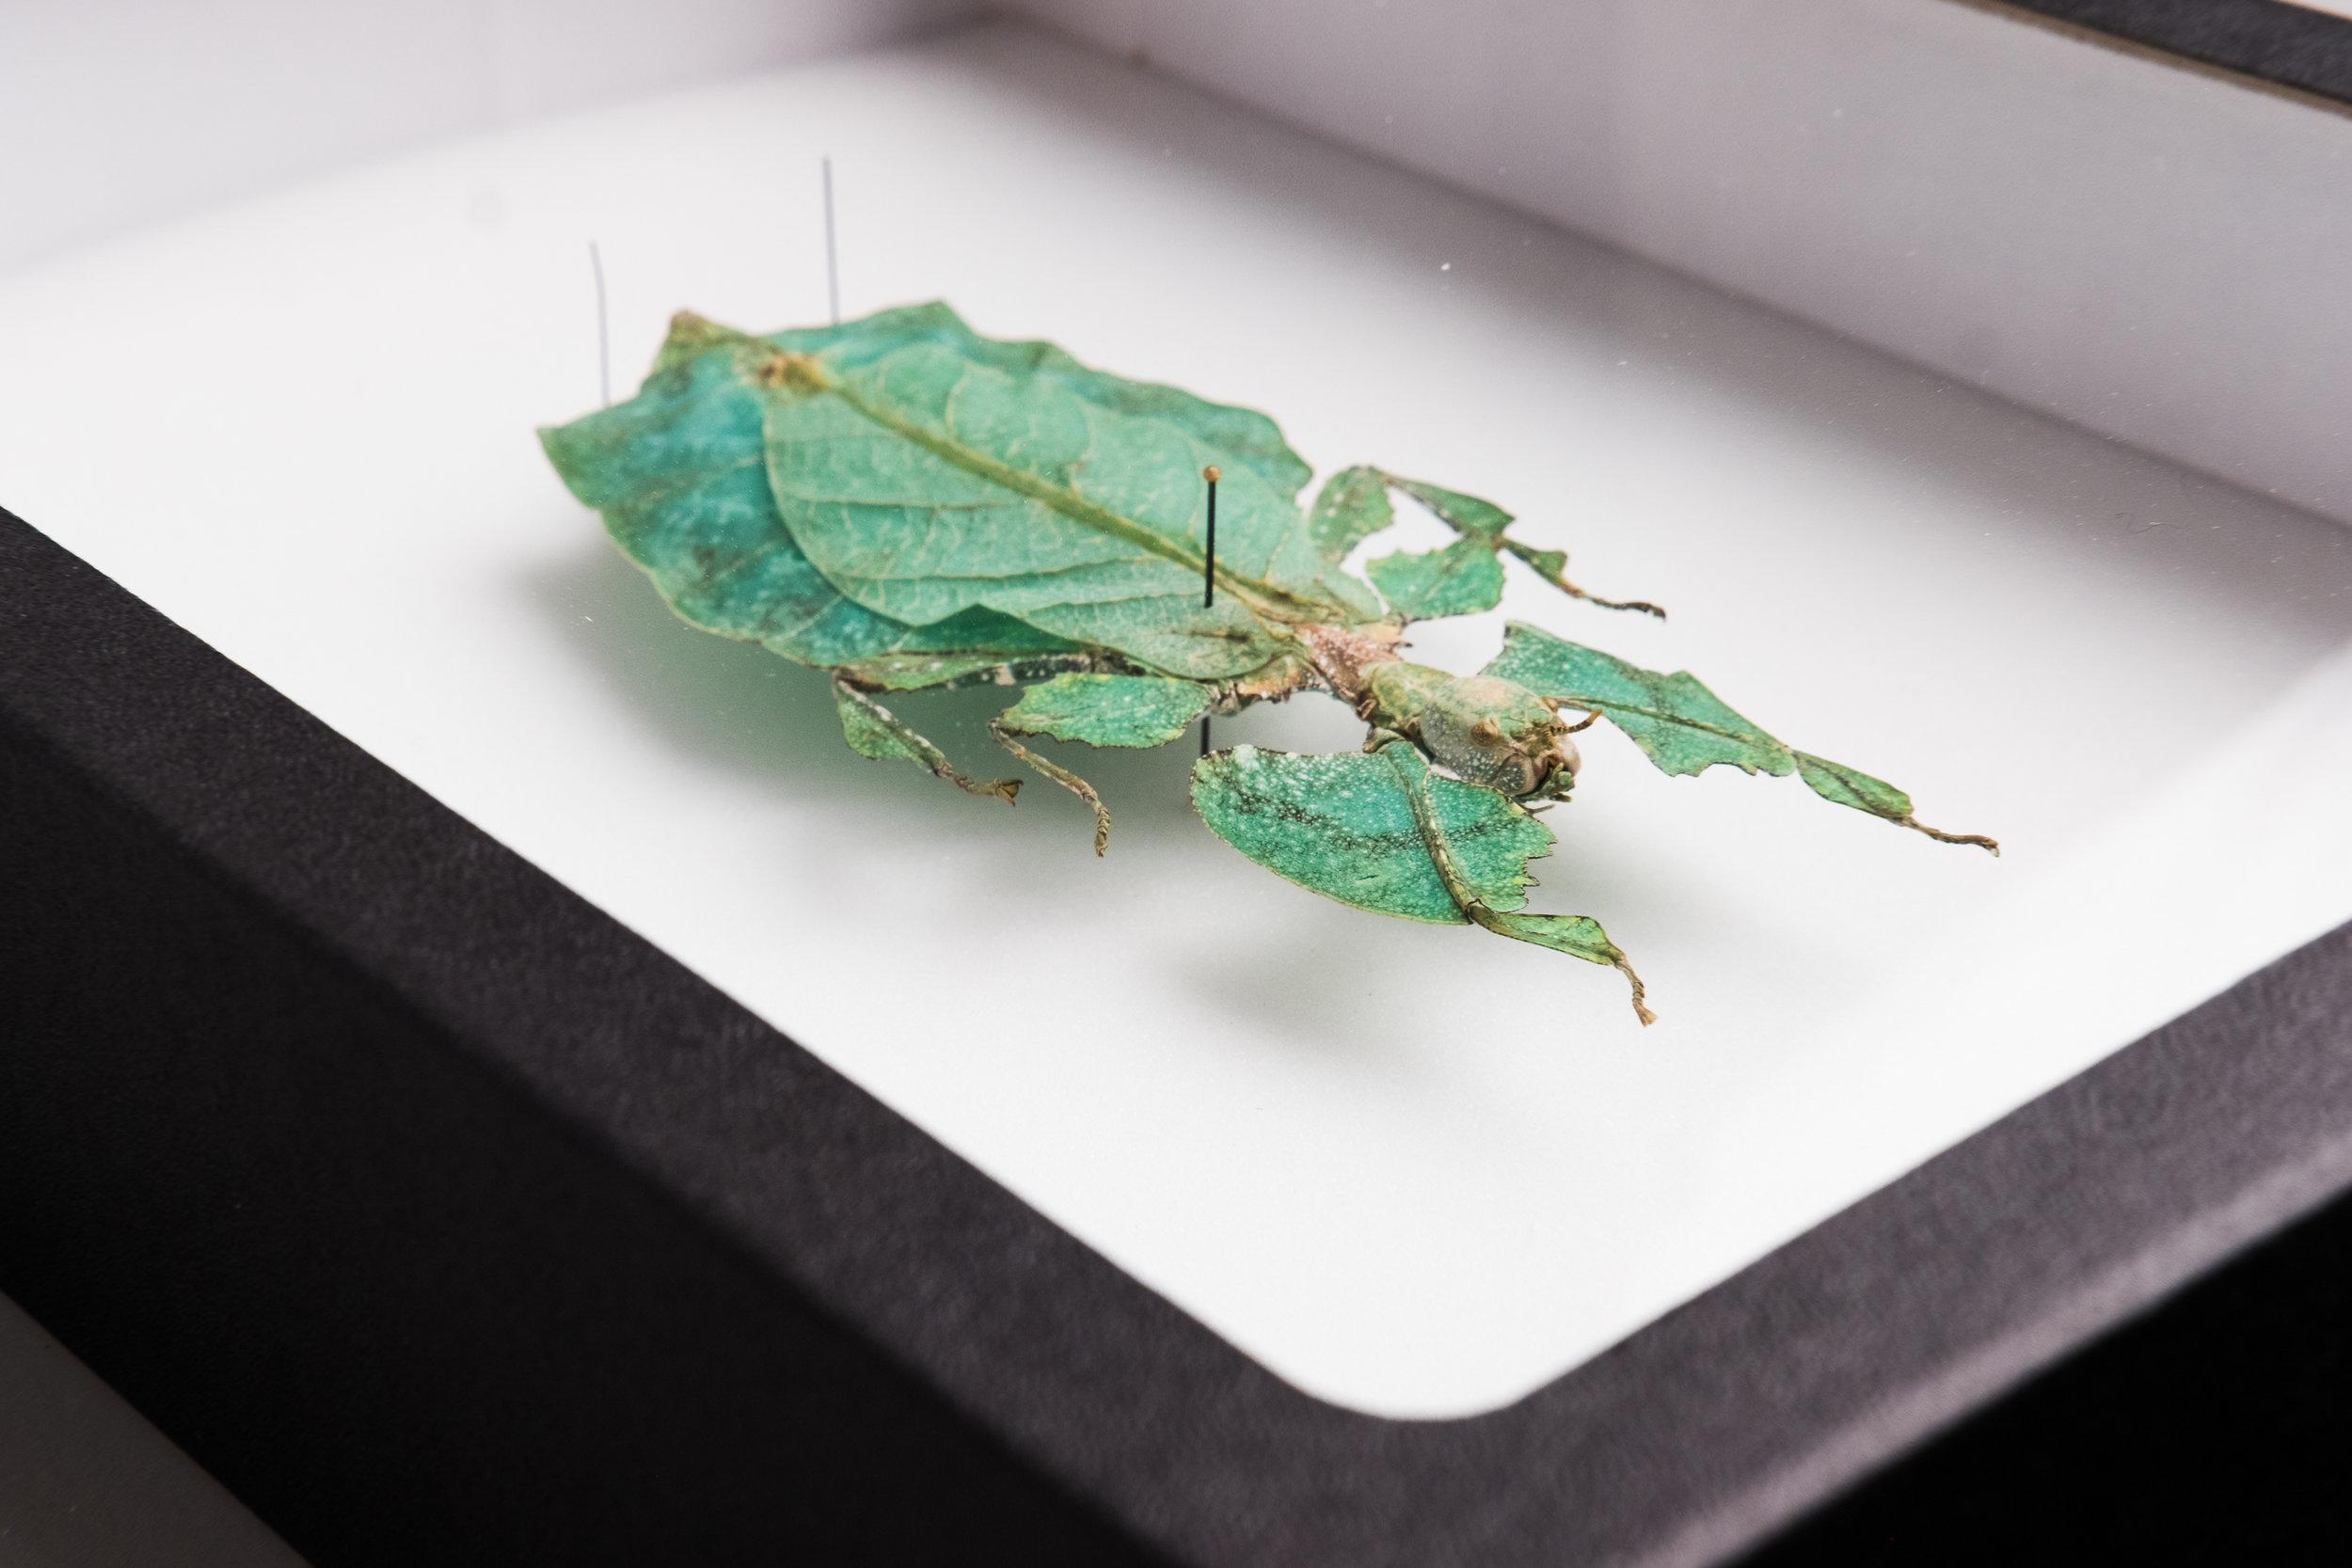 phyllium-giganteum-montreal-insectarium